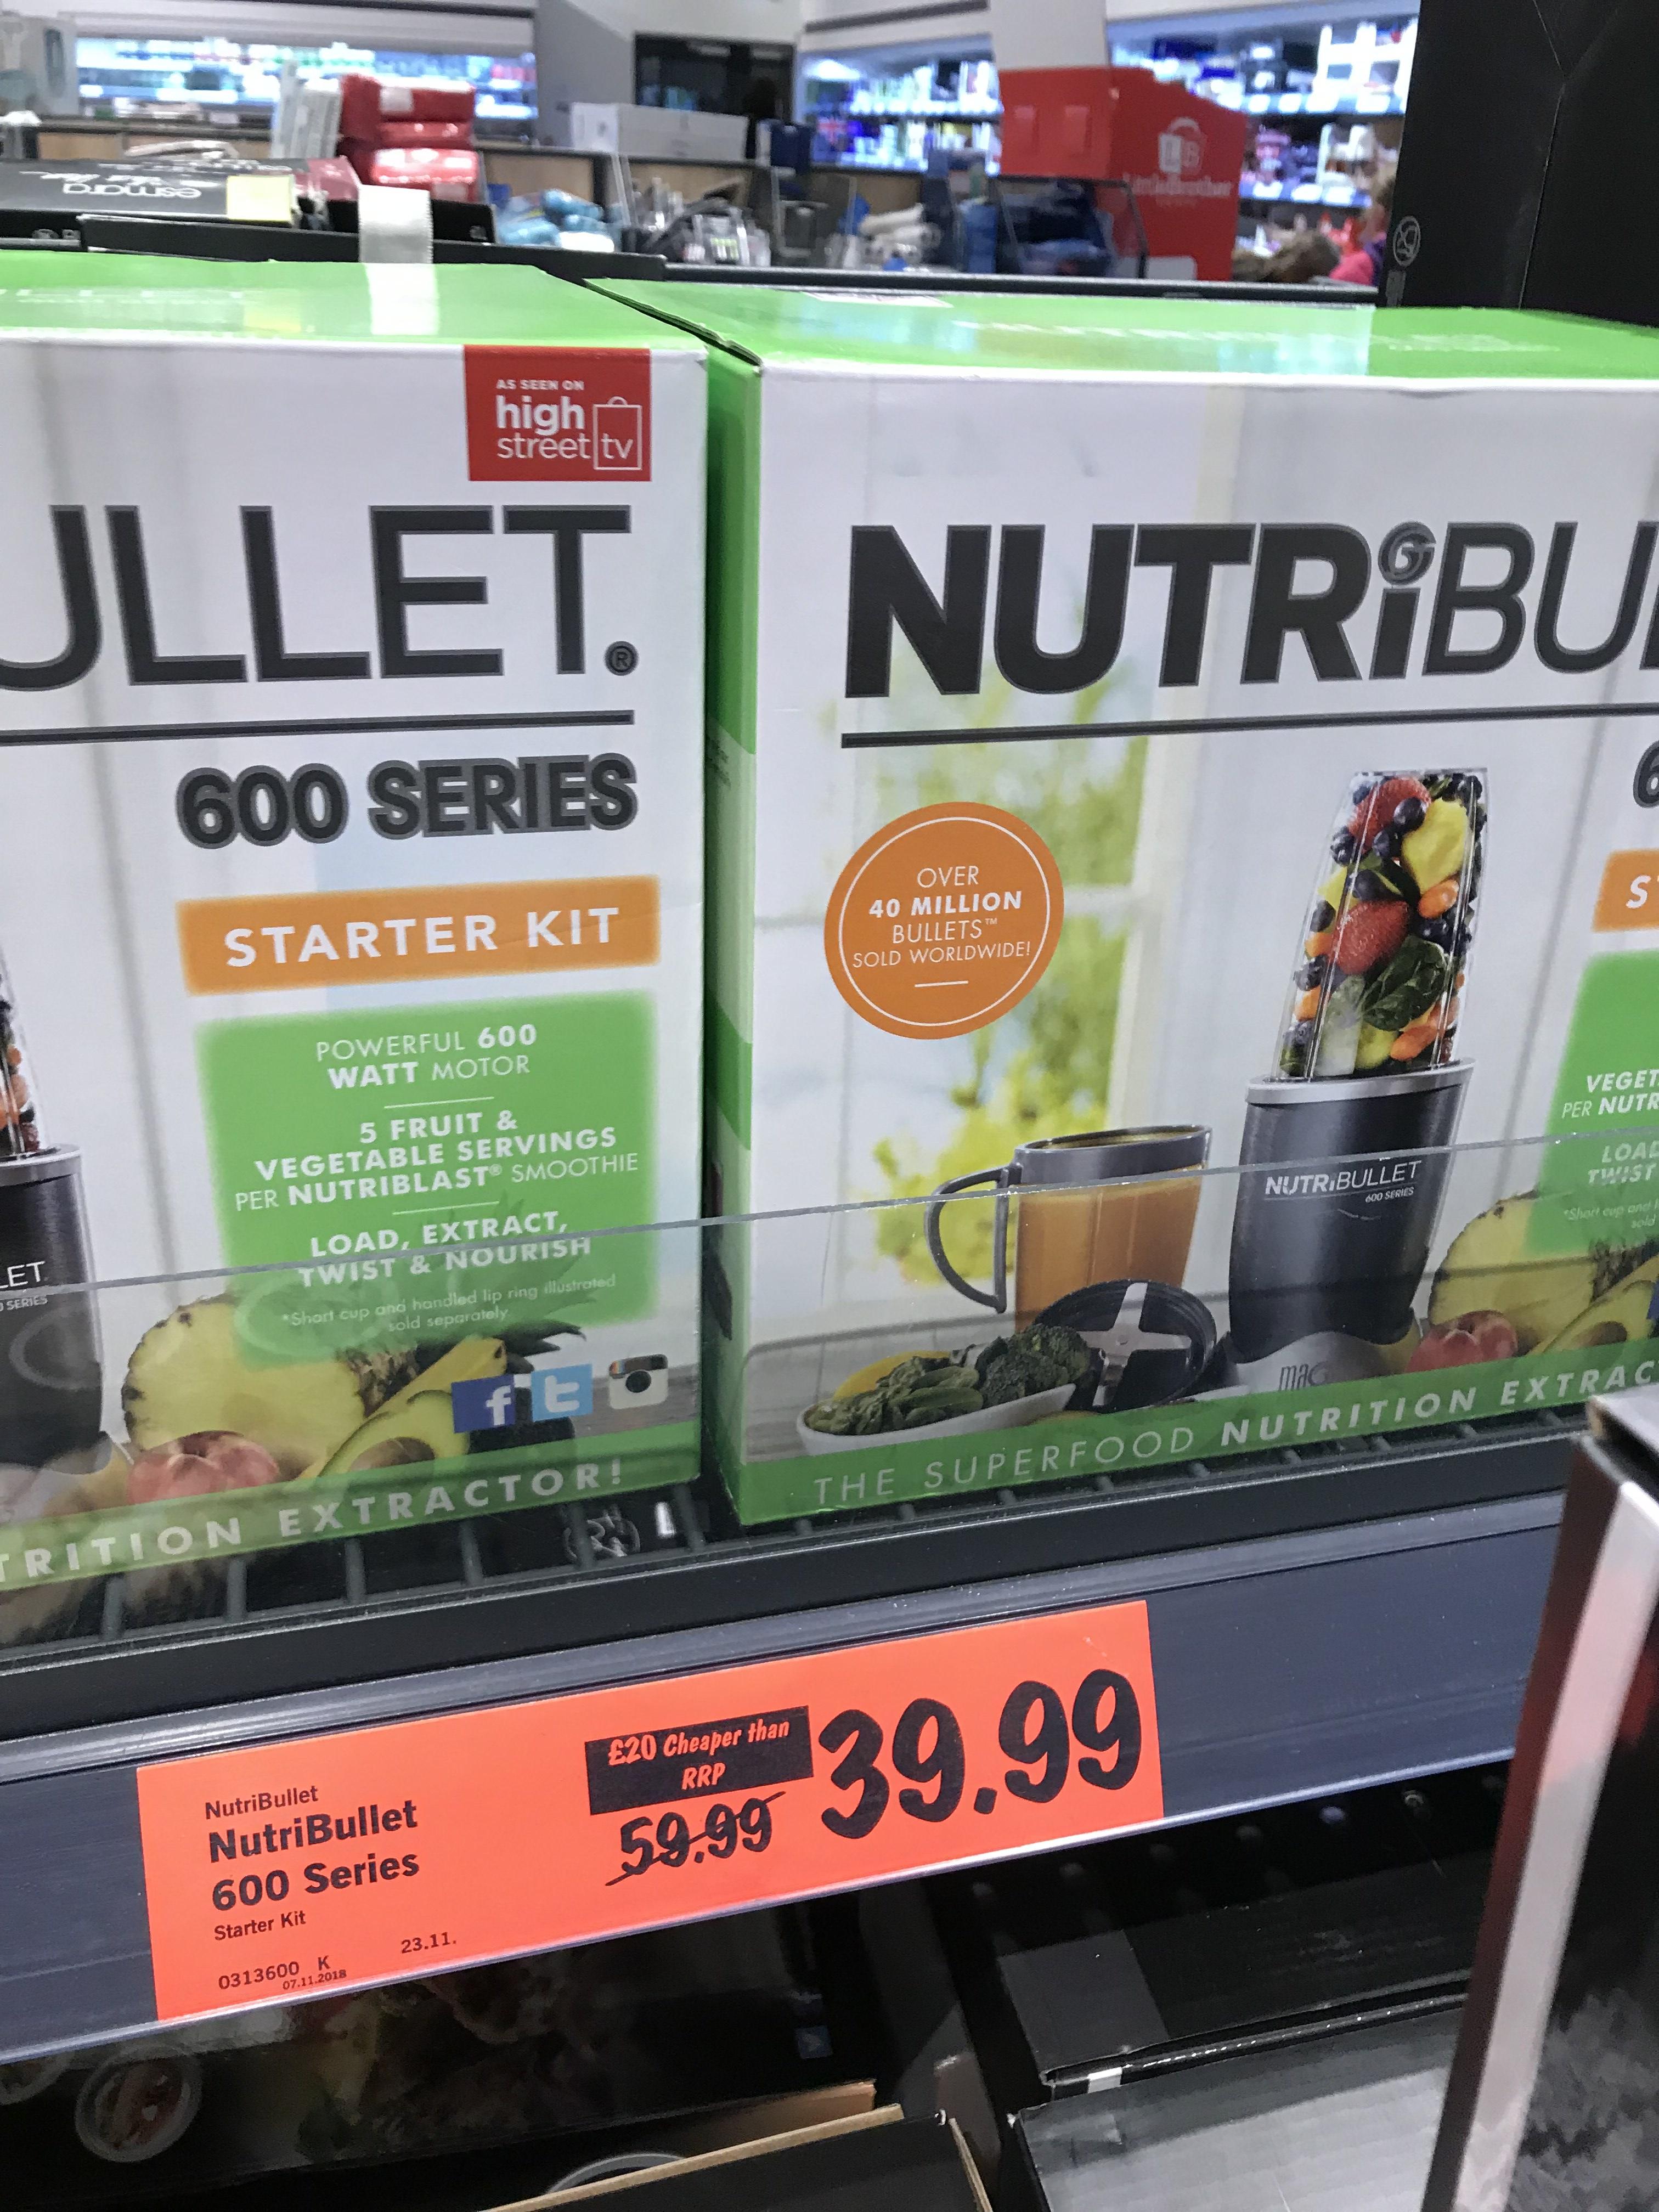 nutribullet 600 at £39.99 Lidl